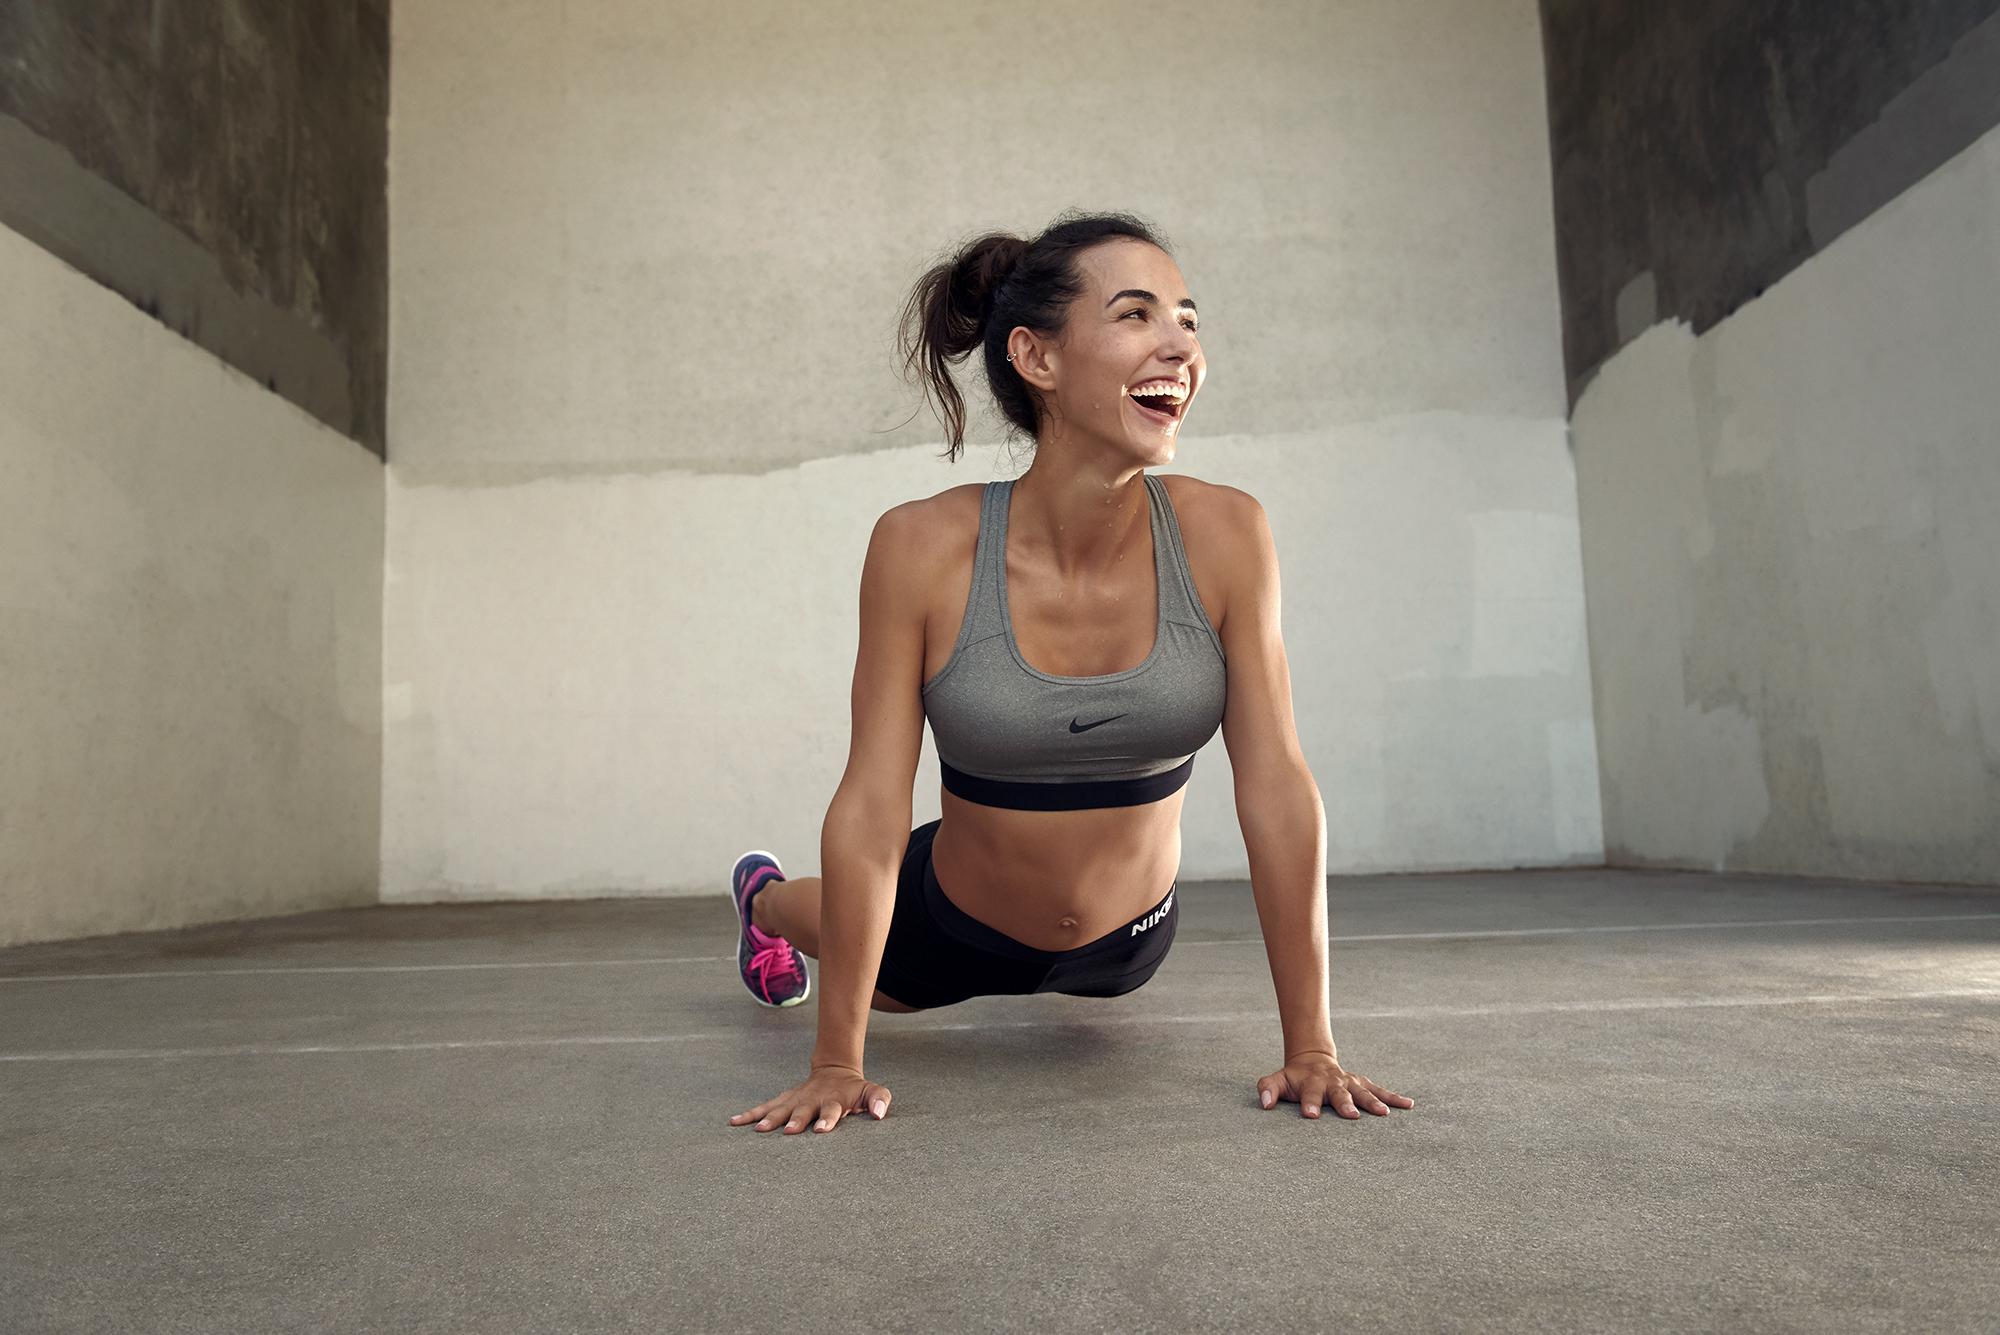 ženy model bruneta sportovní oblečení sportovní podprsenka krátké šortky  Nike hairbun fitness model cvičení usmívající se eb74babdab4